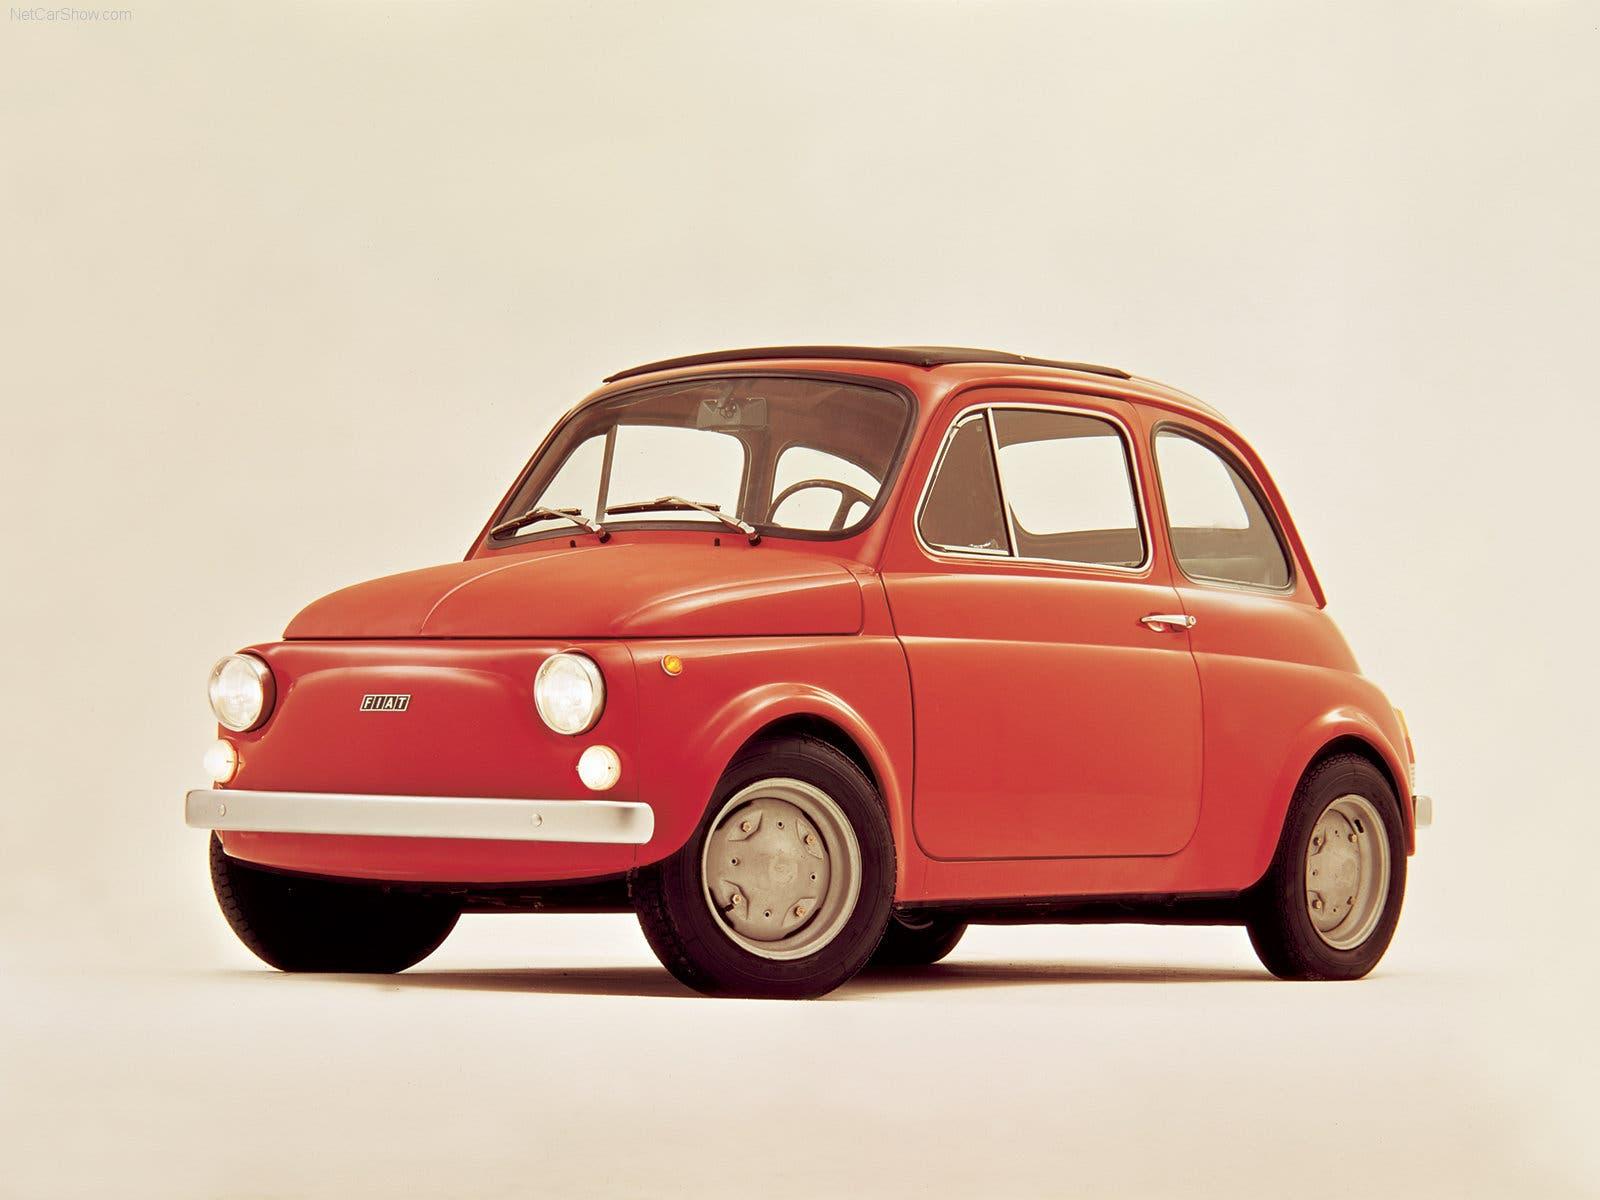 Wurde zum Kult-Auto:  Die zweite Generation des Fiat 500 war eine Revolution. Sie ermöglichte vielen Menschen in der Nachkriegszeit einen erschwinglichen Zugang zu individueller Mobilität.